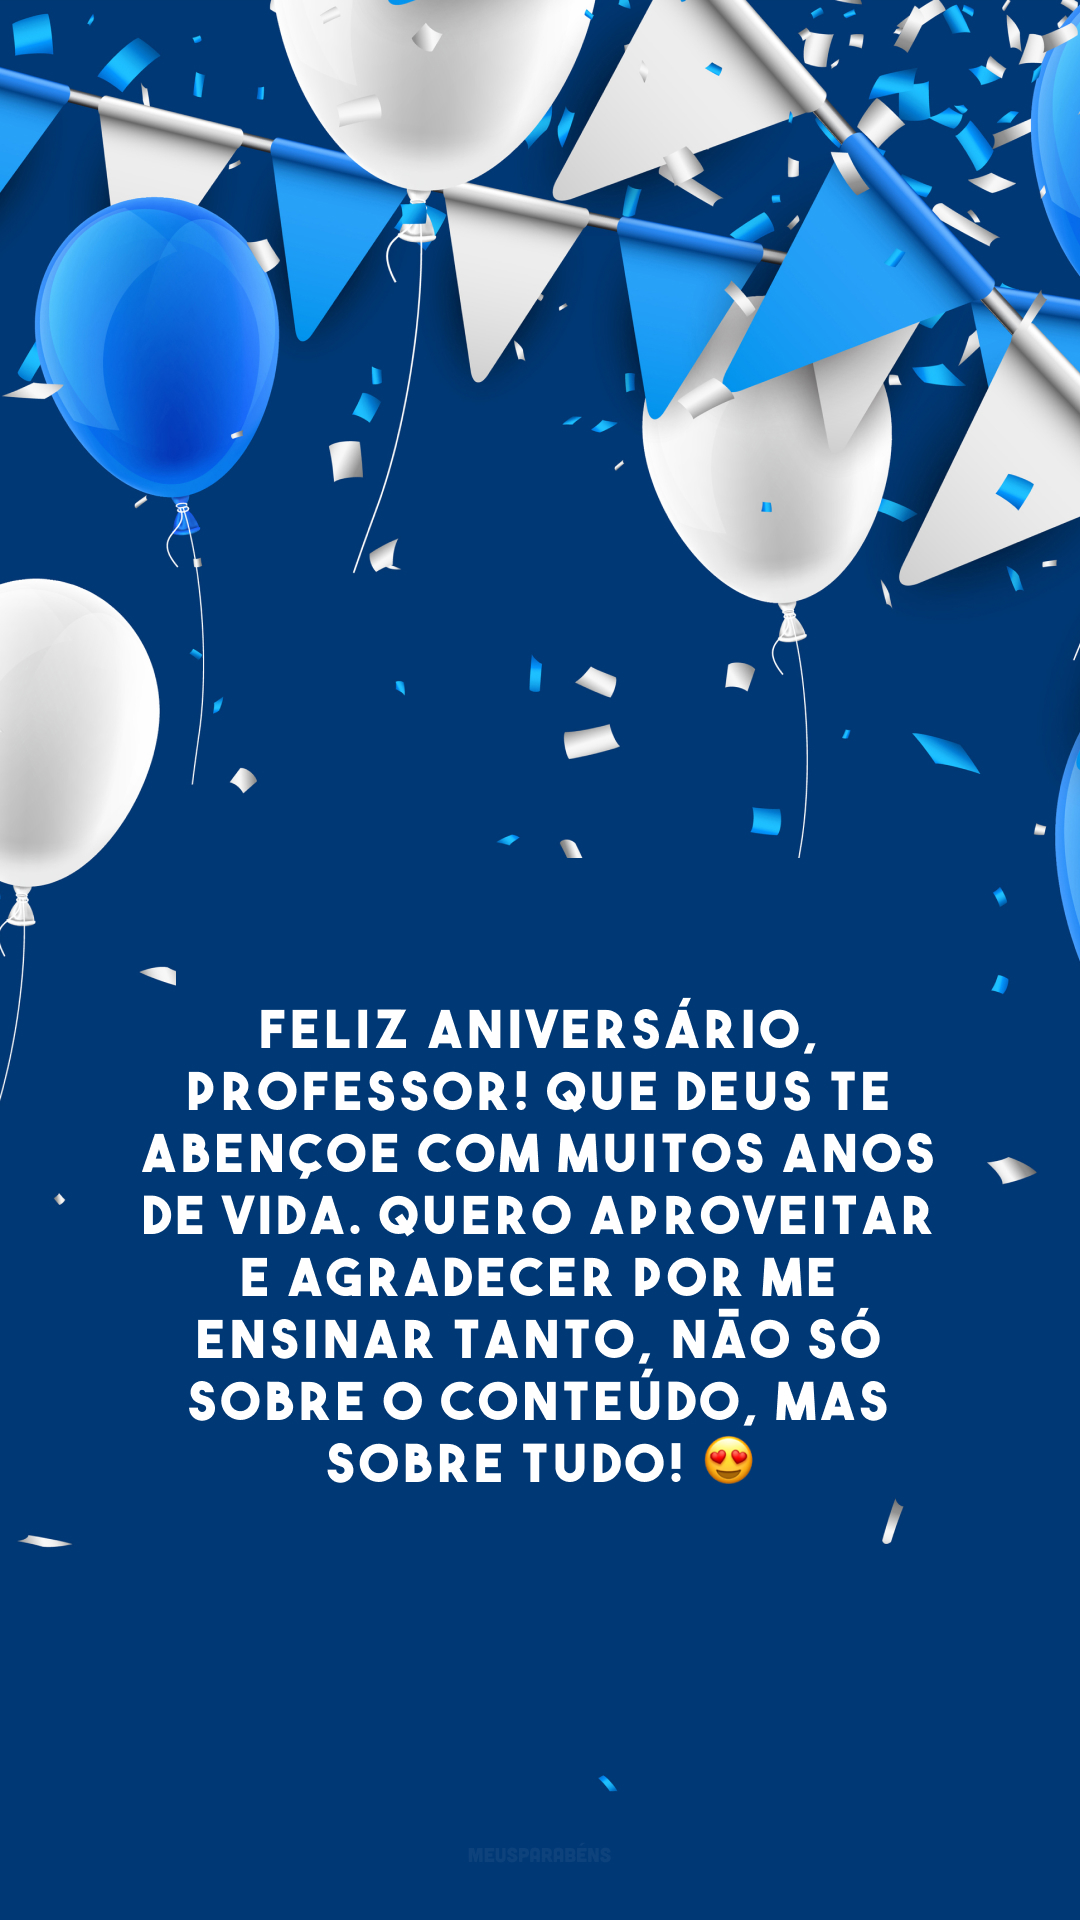 Feliz aniversário, professor! Que Deus te abençoe com muitos anos de vida. Quero aproveitar e agradecer por me ensinar tanto, não só sobre o conteúdo, mas sobre tudo! 😍